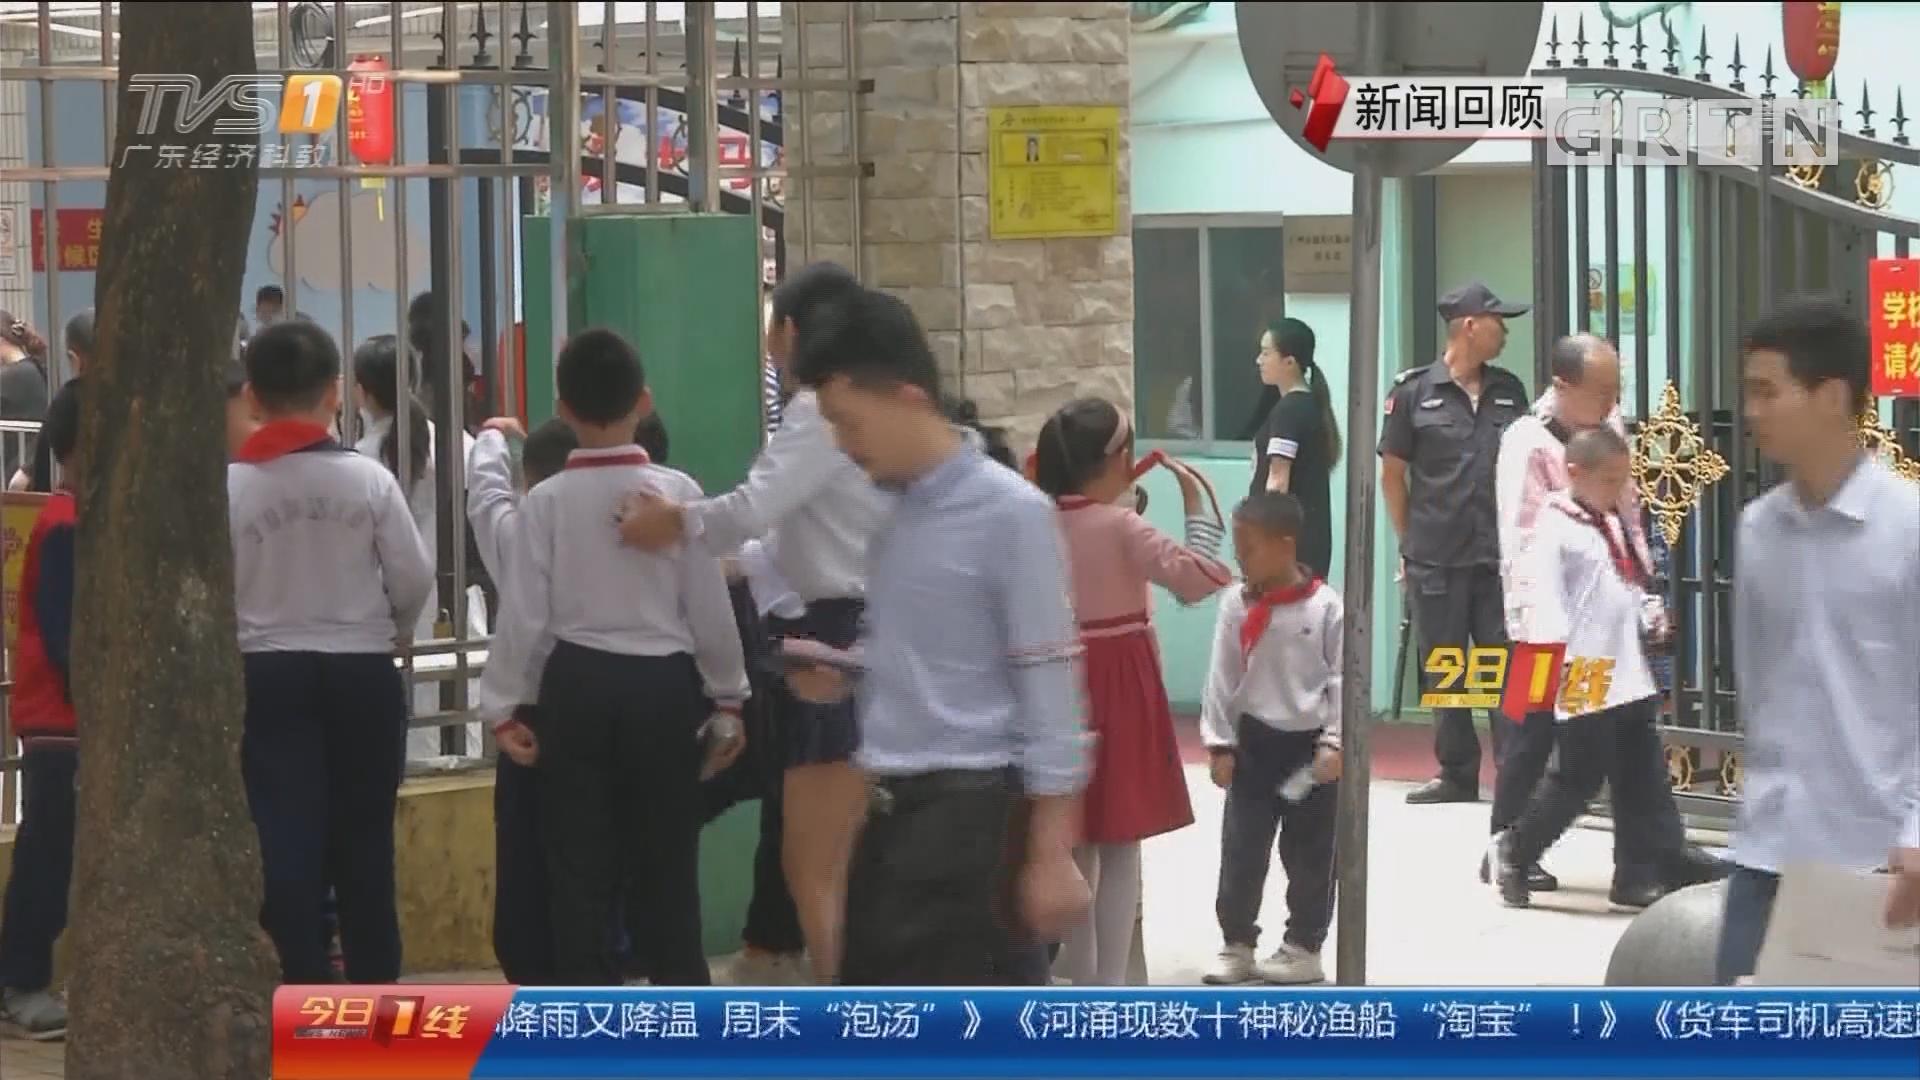 广州:小学课堂遭钢珠袭击 67岁嫌疑人被抓获